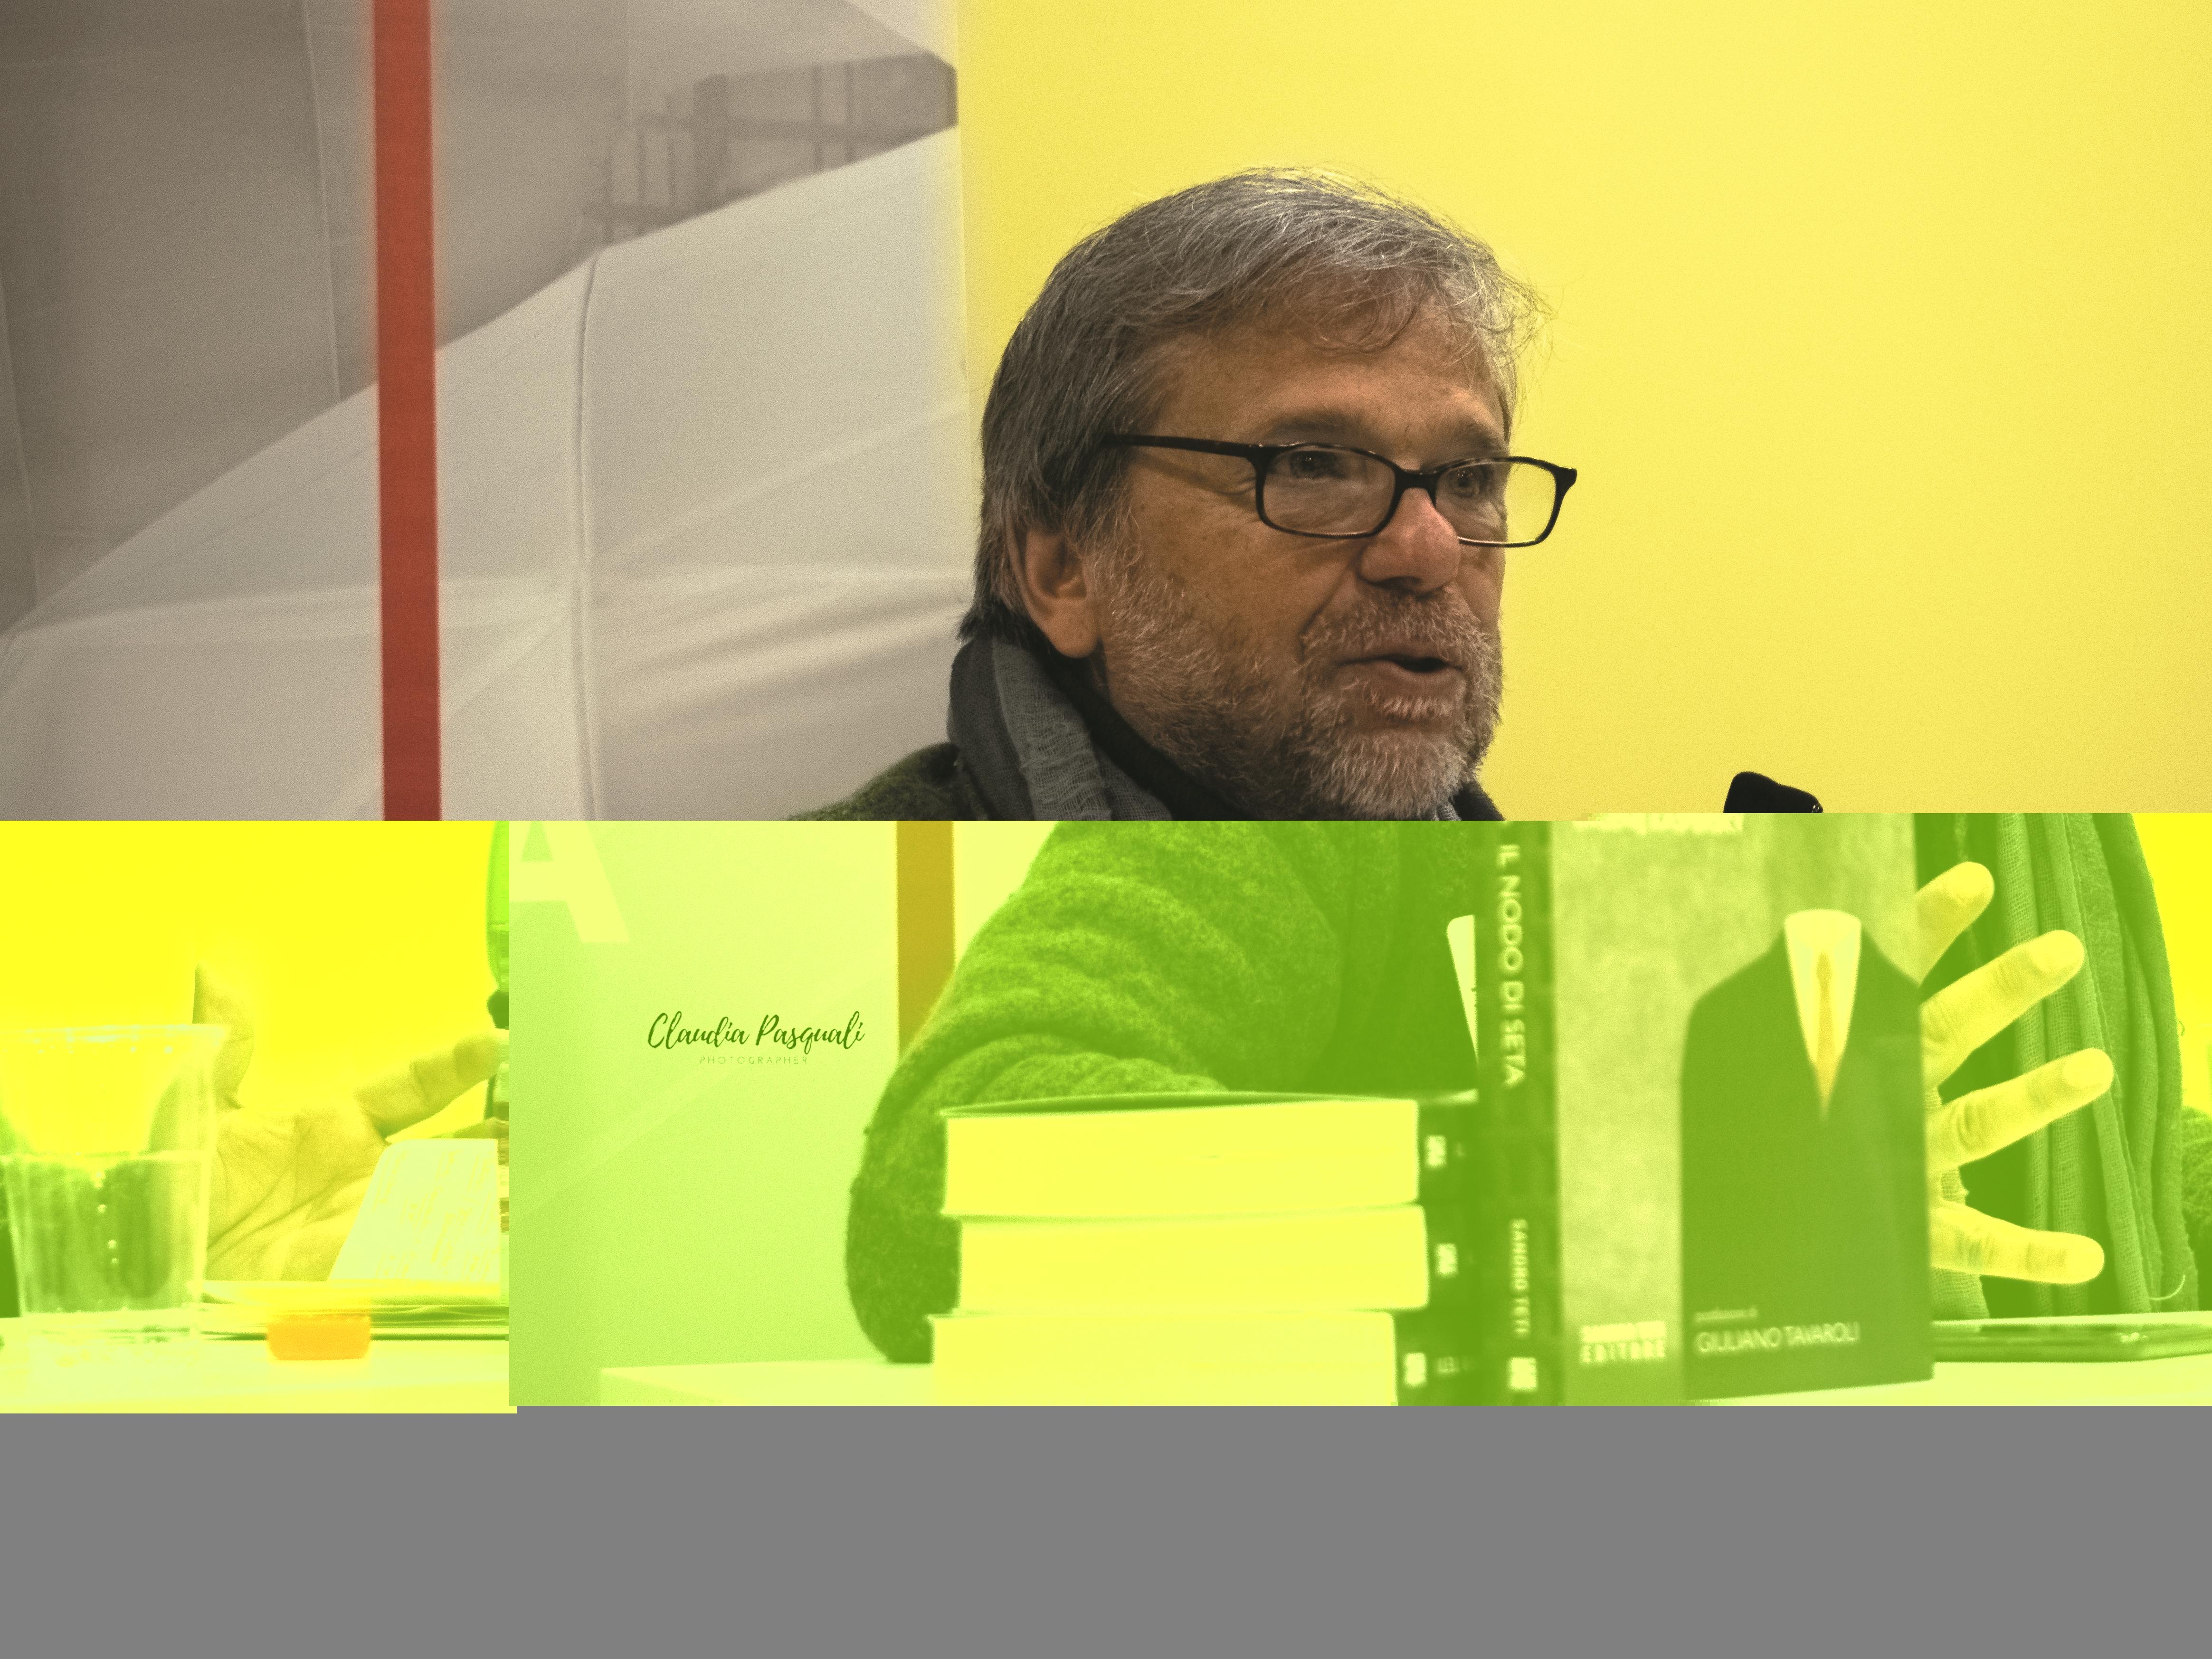 """Presentazione del libro di Marco Forneris """"Il nodo di seta"""" a Più Libri Più Liberi. Nella foto: Sergio Bellucci."""